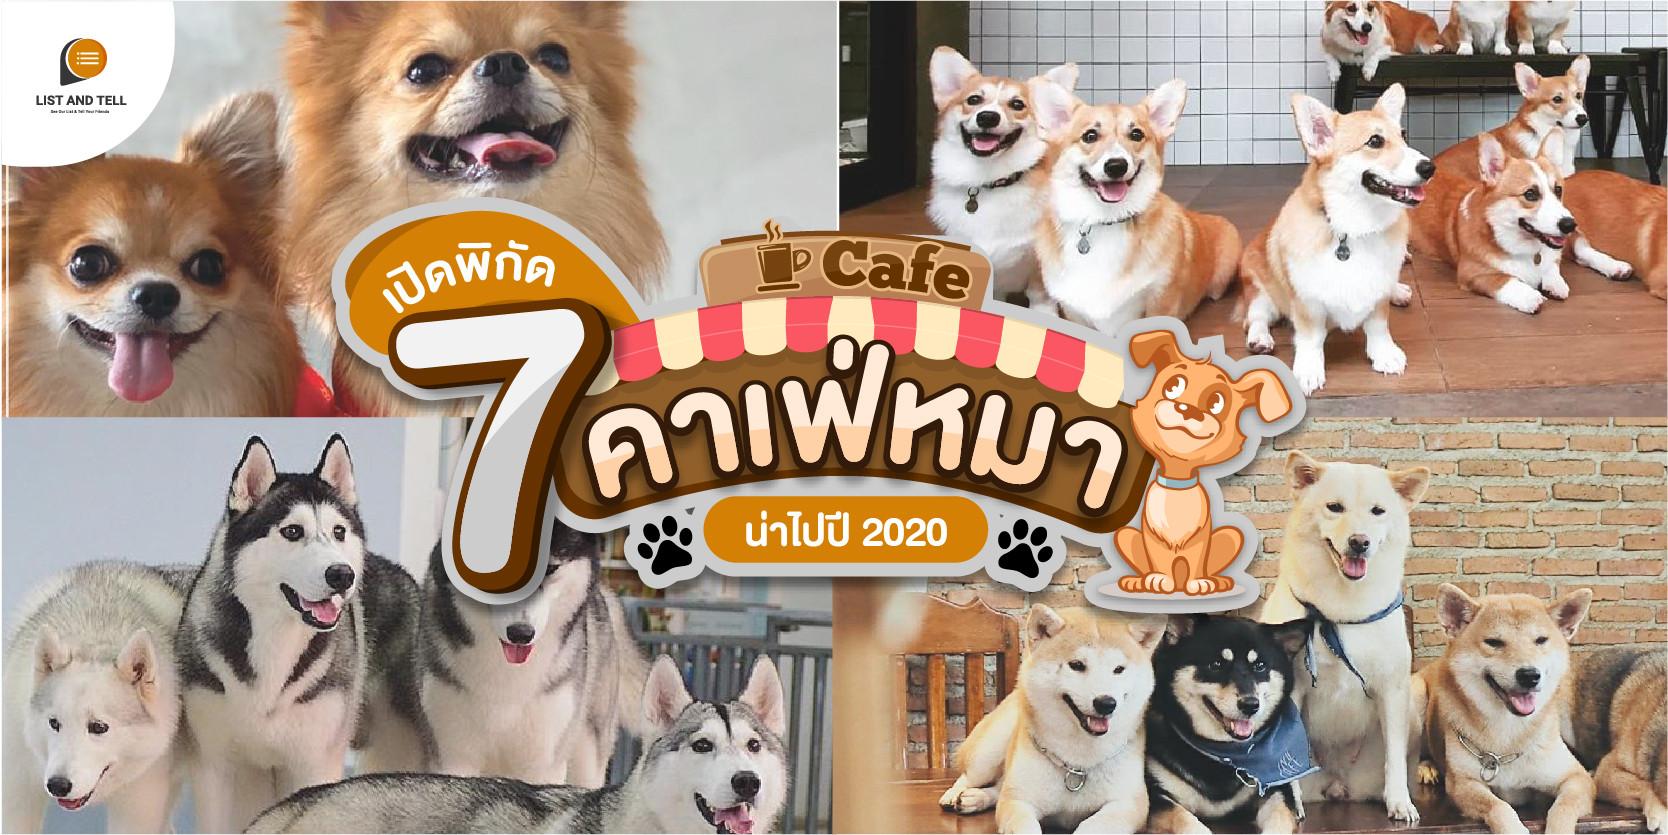 เปิดพิกัด 7 คาเฟ่หมา น้องใจดี อาหารอร่อย อัปเดตทั่วประเทศปี 2020